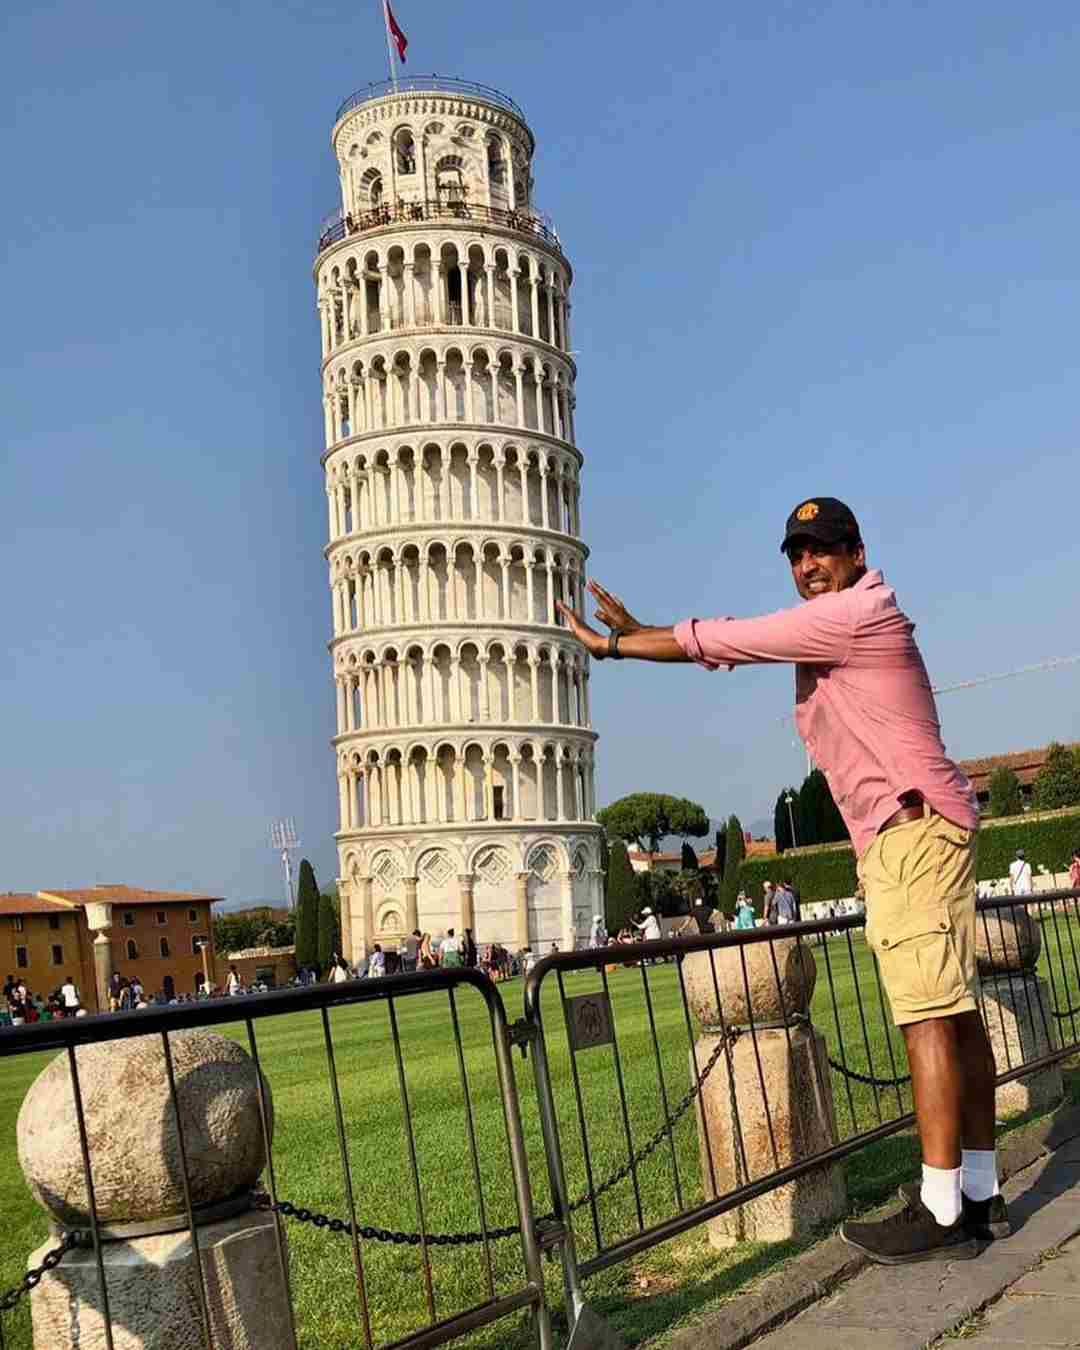 लिनींग टॉवर ऑफ पिसाकडे गेल्यावर पर्यटक ज्या पद्धतीने फोटो काढतात तसेच काहीसे फोटो लारानेही काढले. यात महेश तो कलंडलेला टॉवर सरळ करण्याचा प्रयत्न करताना दिसत आहे. यात महेशला थोडं यशही आलेलं दिसतं.